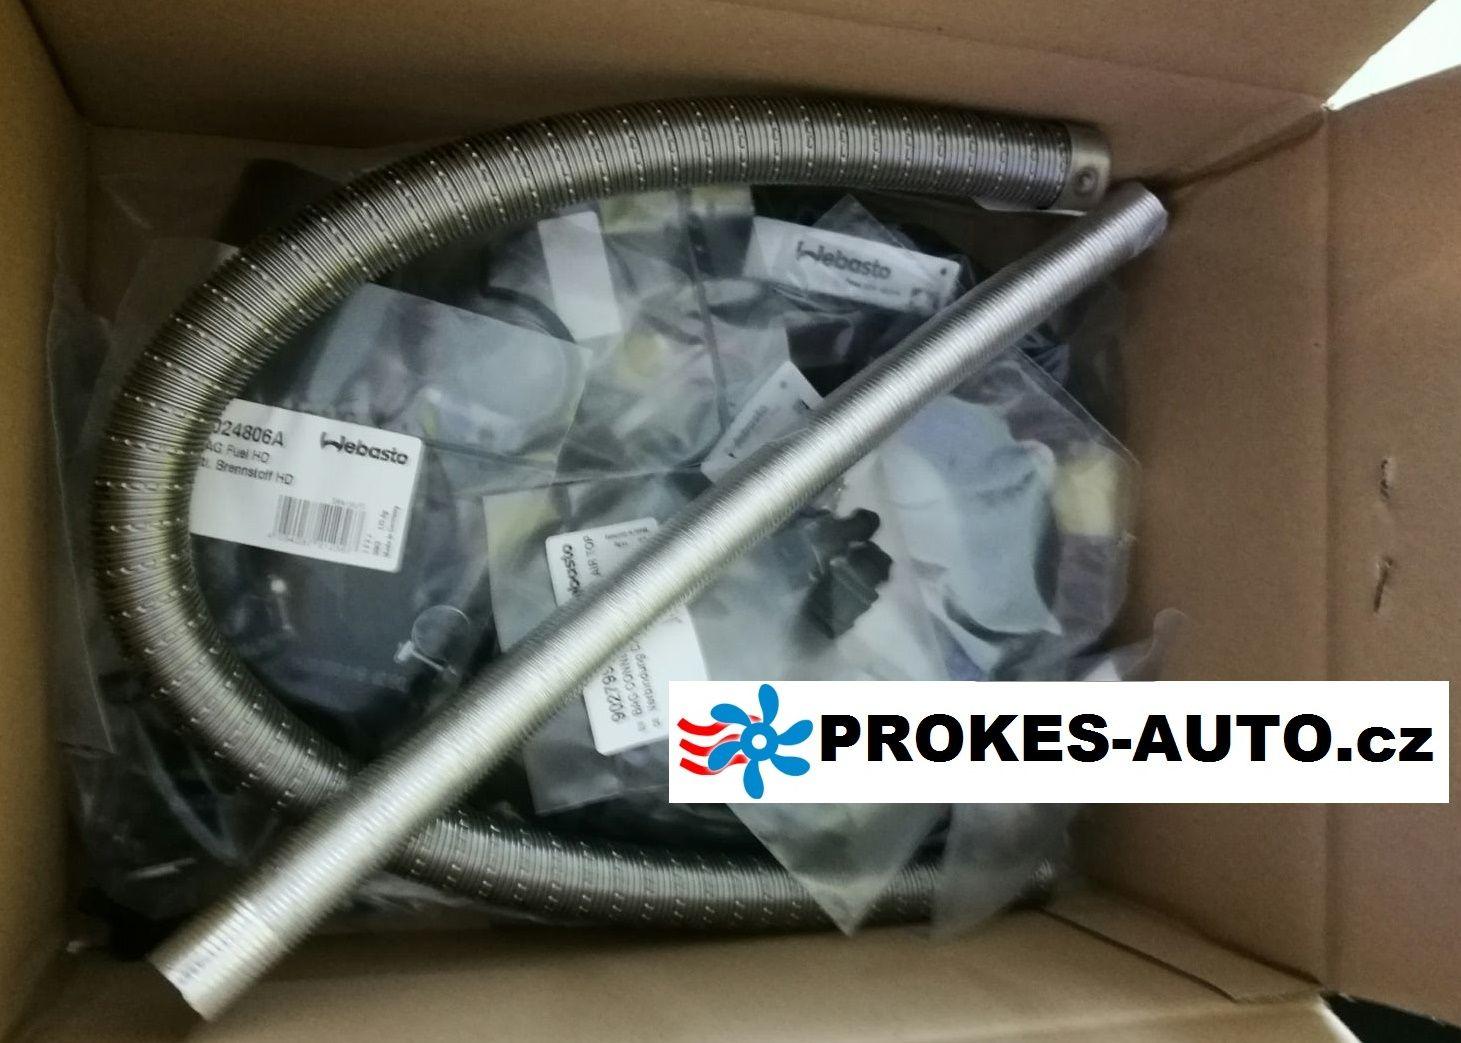 Standard installation kit heater Thermo Top Evo 1314818 Webasto